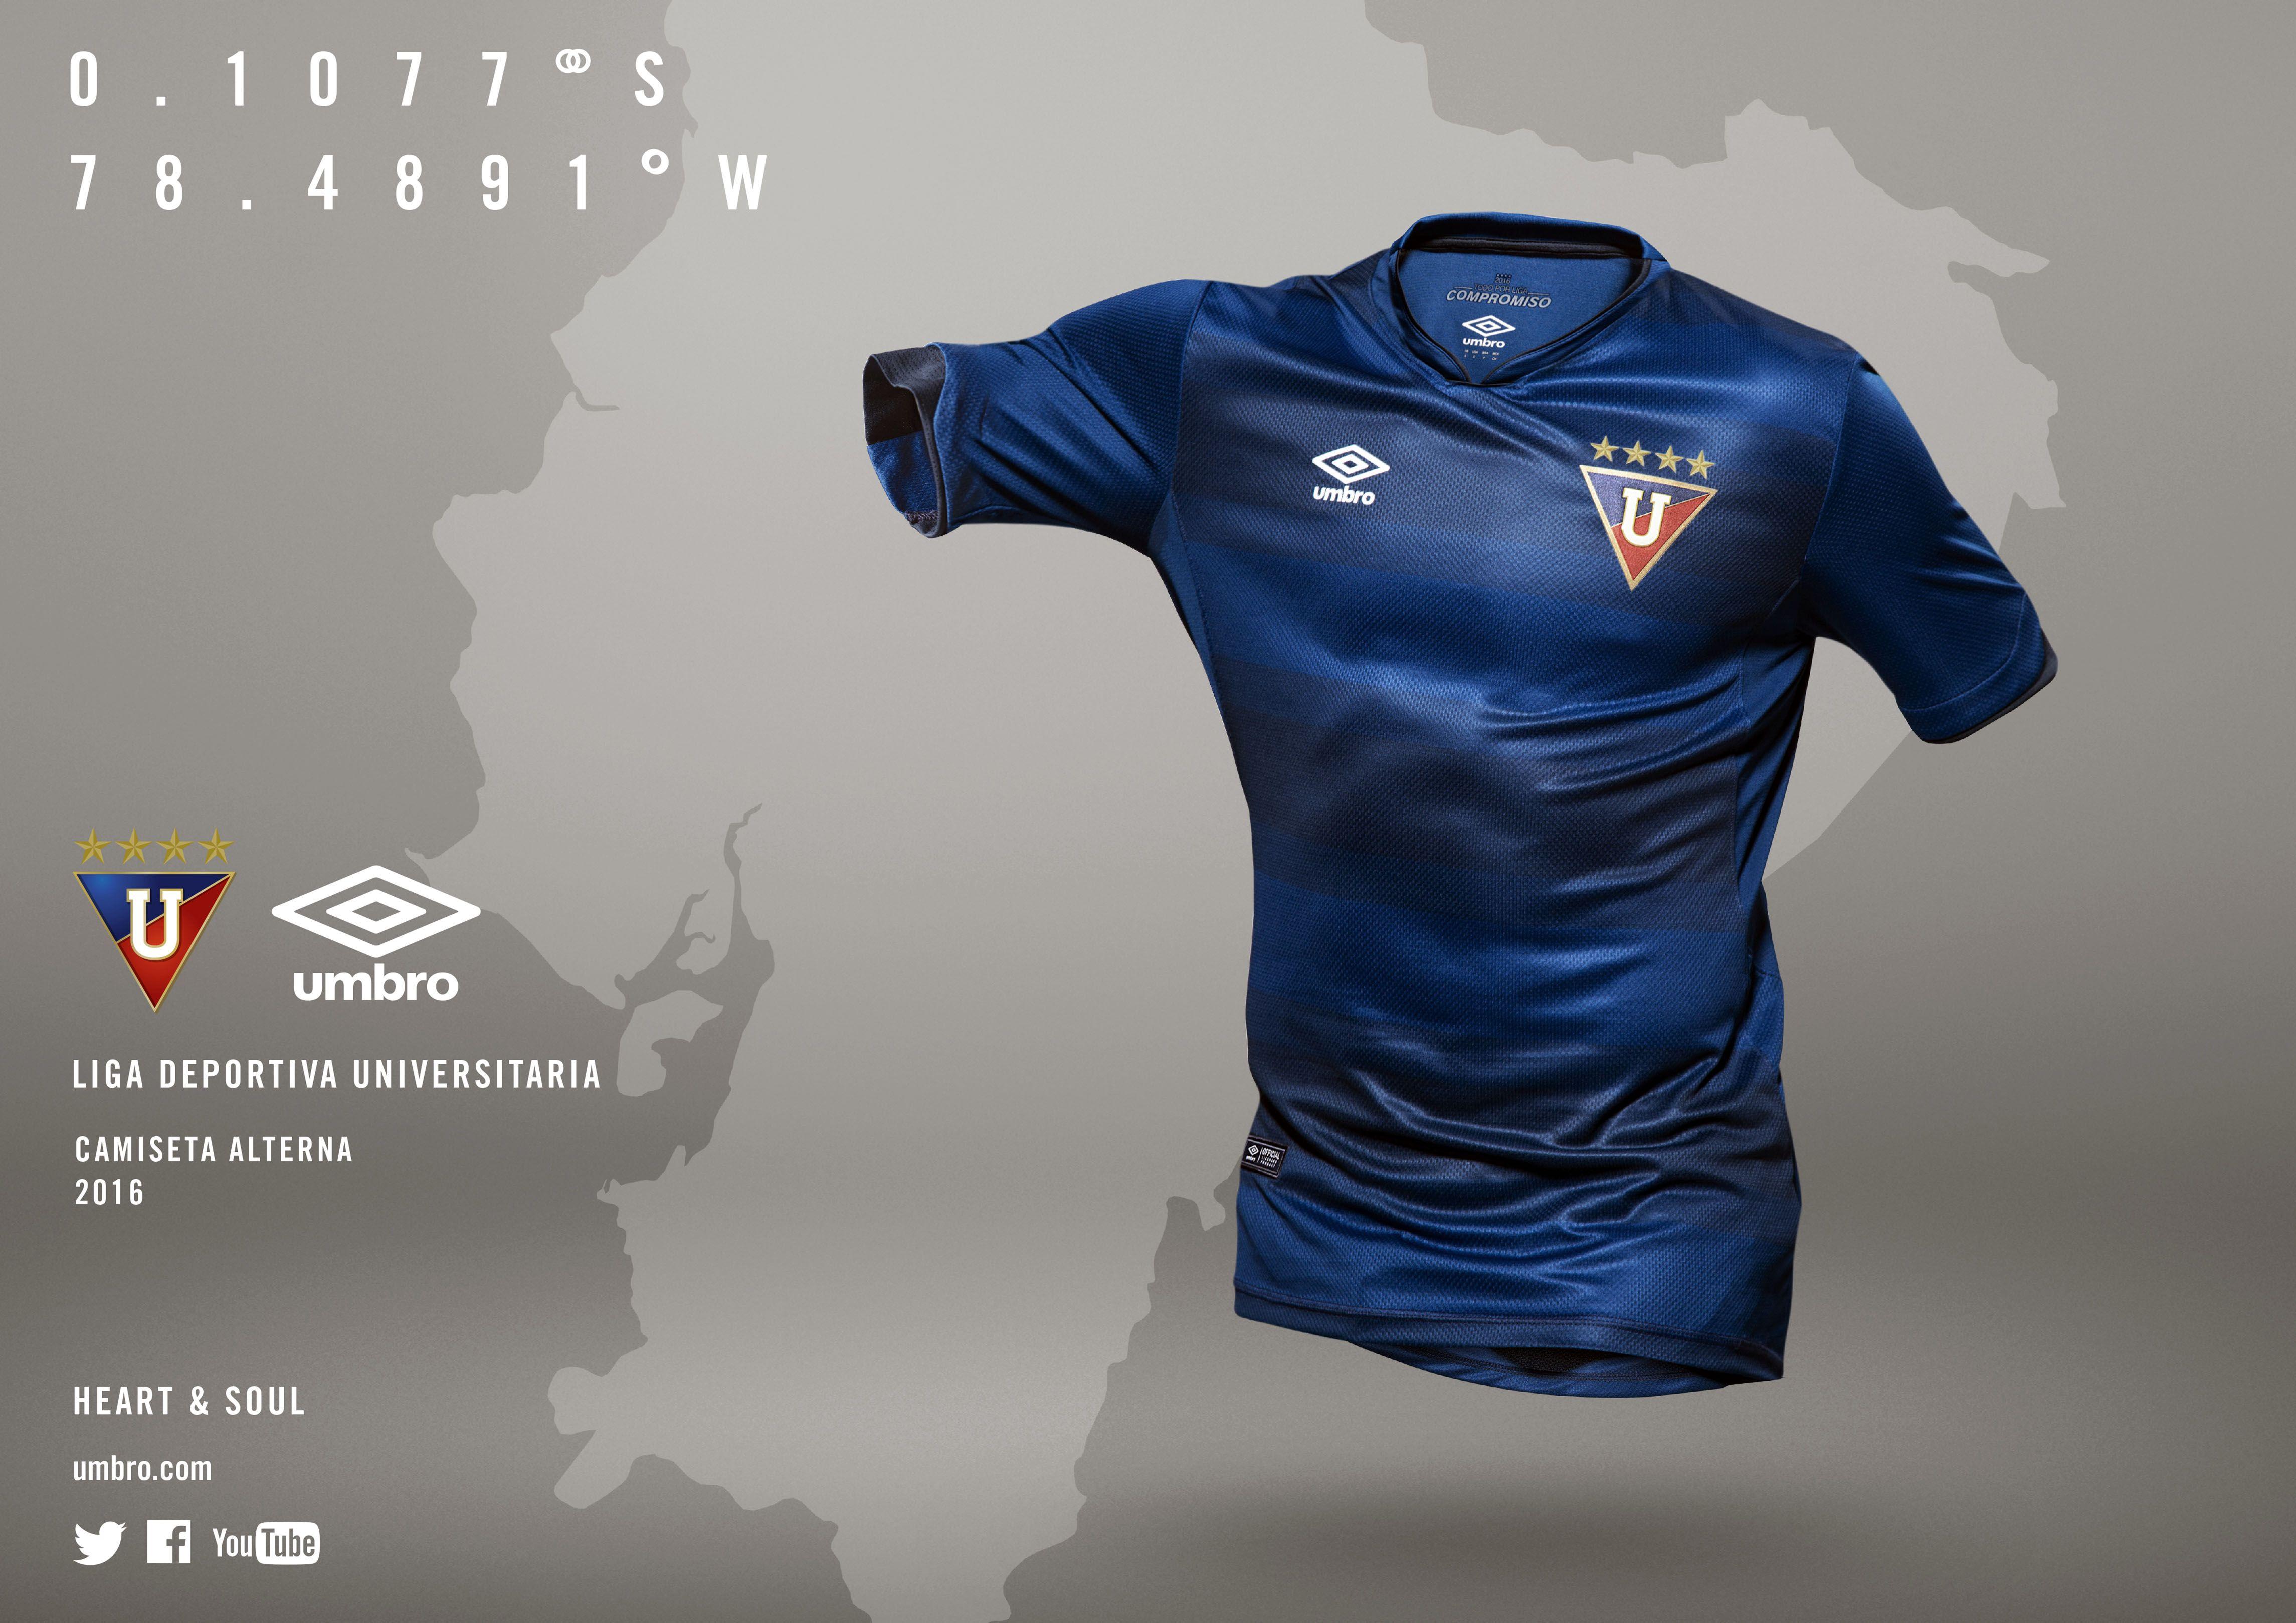 e7f8e5e6cc696 Portal internacional asegura que el uniforme de Liga es el más lindo de la  Libertadores.   Hablemos de Fútbol - Noticias del Campeonato Ecuatoriano de  ...